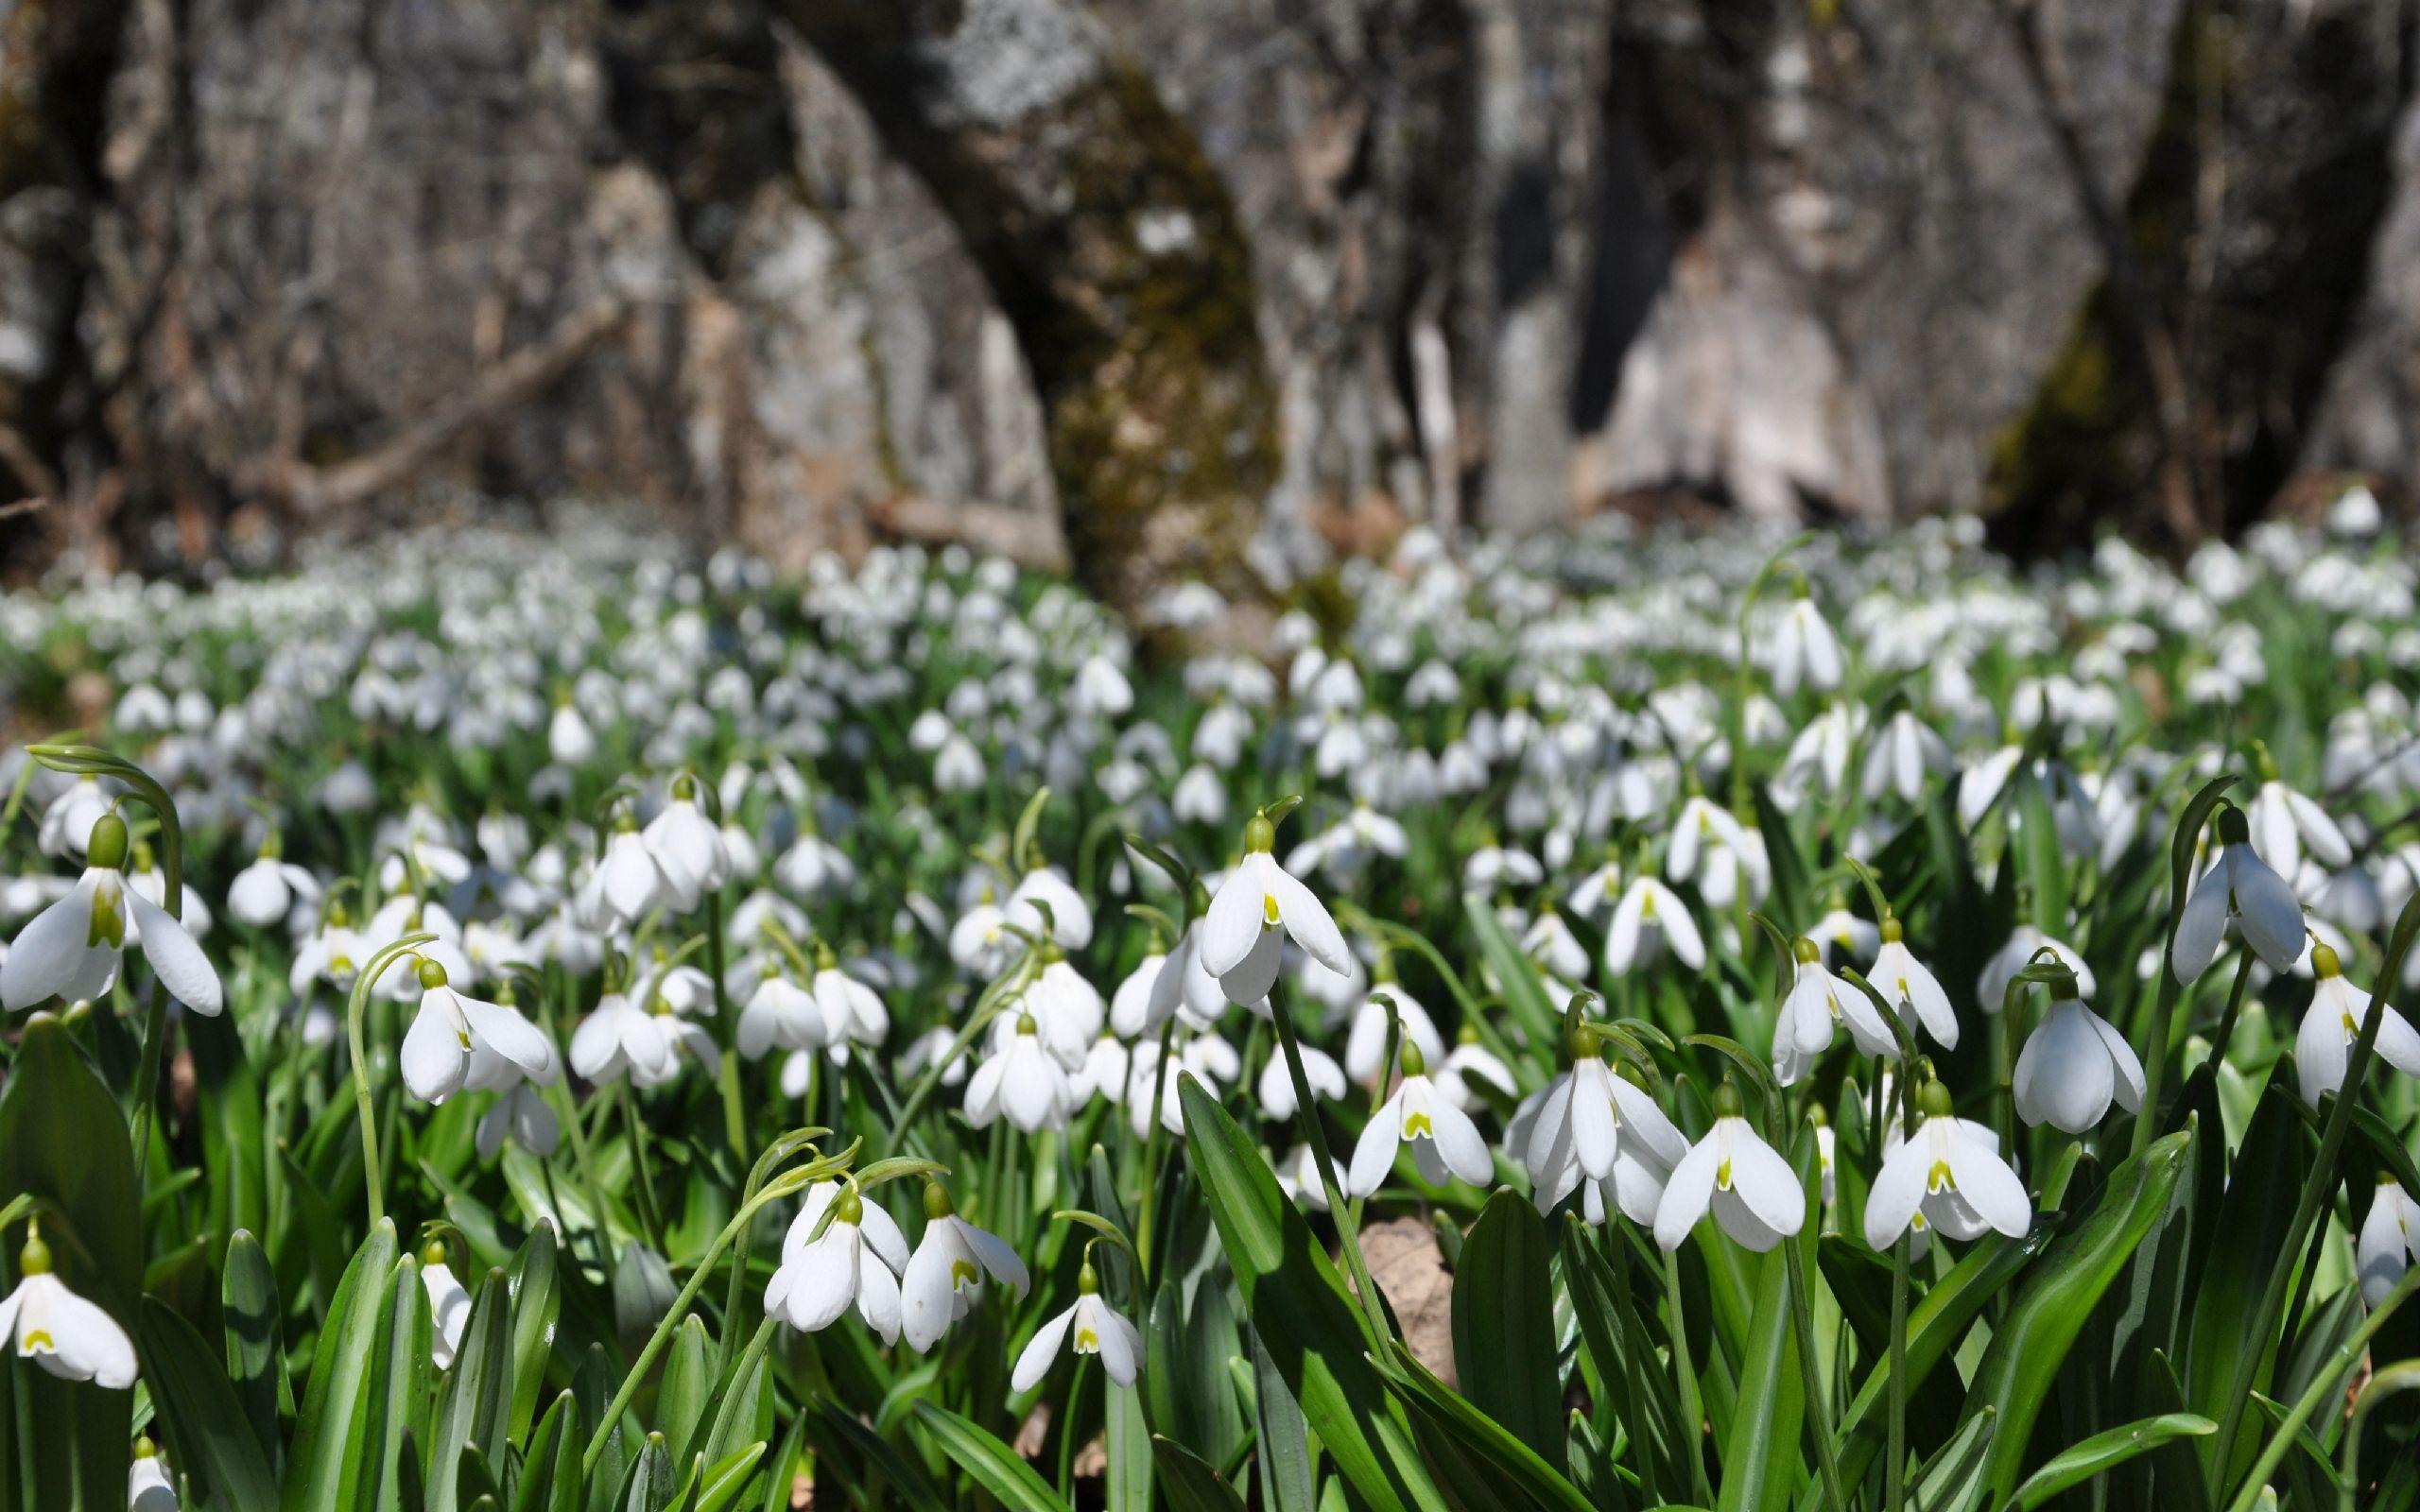 109892 Заставки и Обои Подснежники на телефон. Скачать Природа, Цветы, Подснежники, Растение, Весна картинки бесплатно